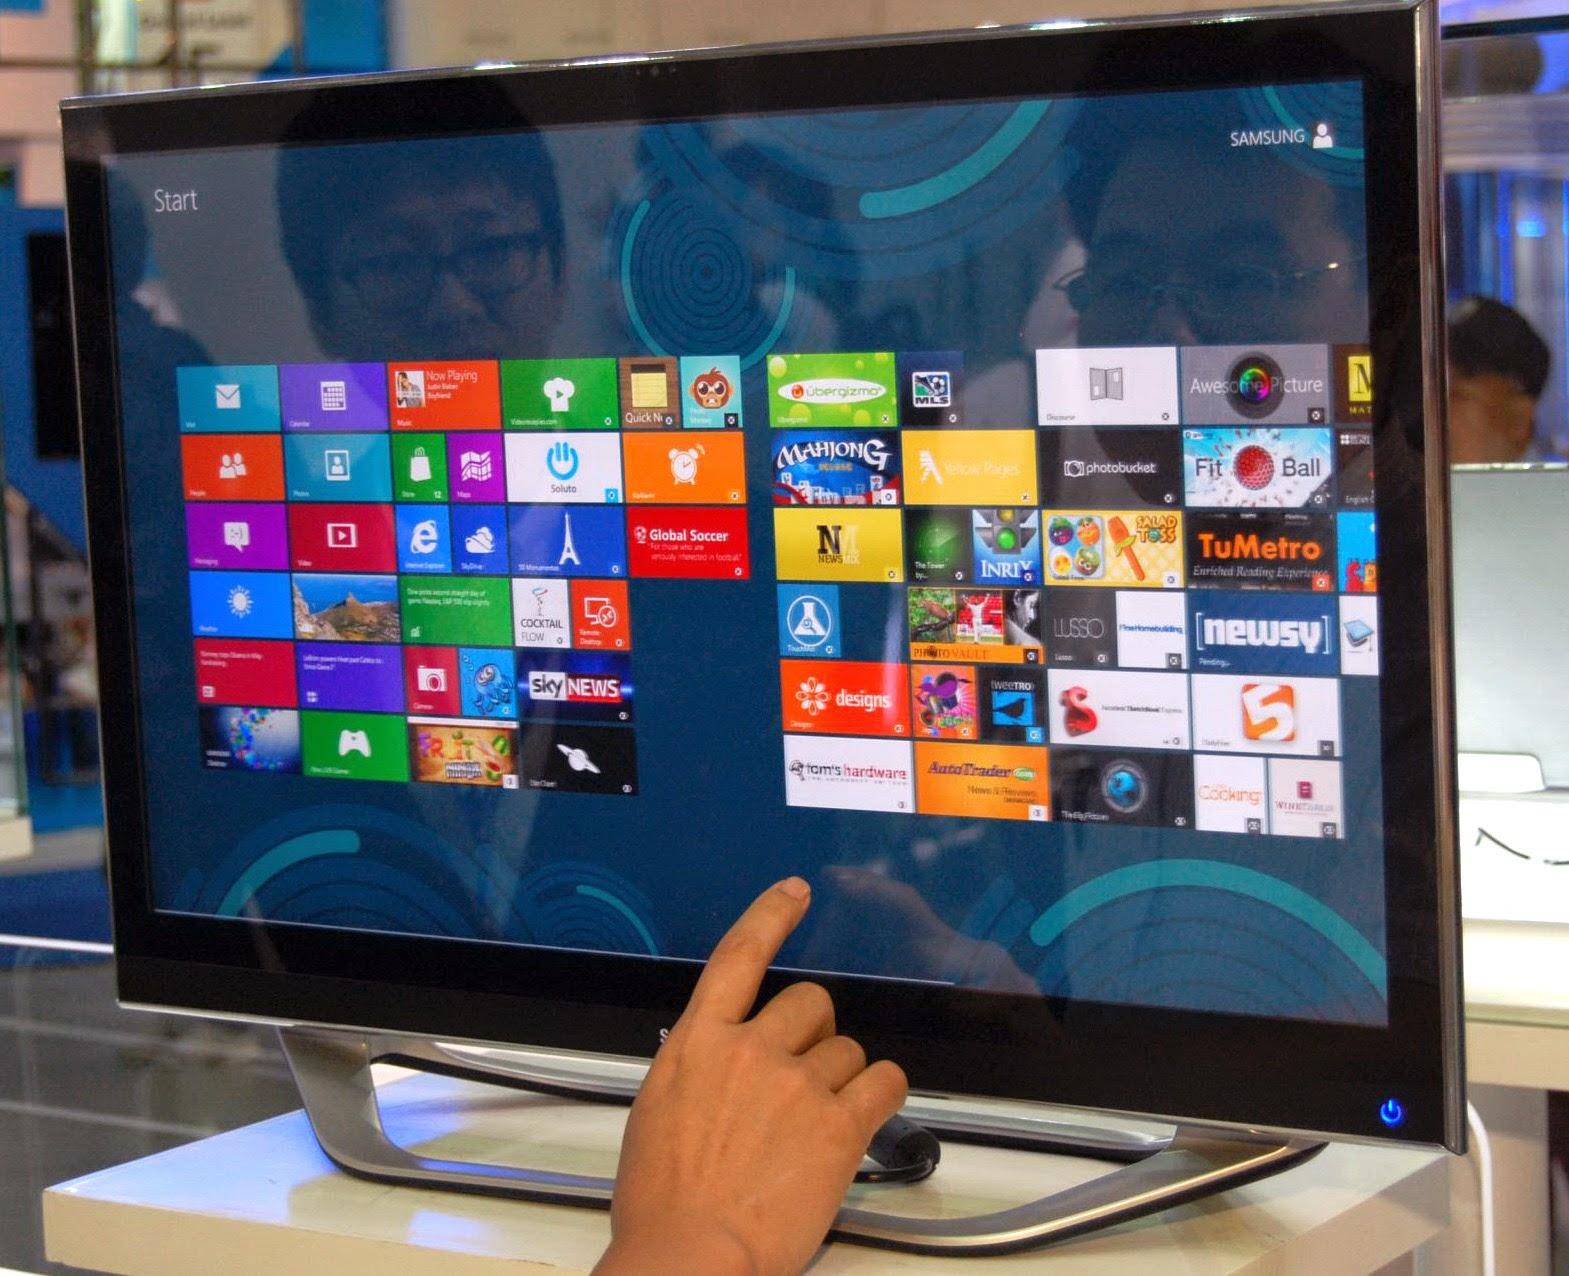 Laptop Terbaru Samsung Yang Super Elegant di Tahun 2015